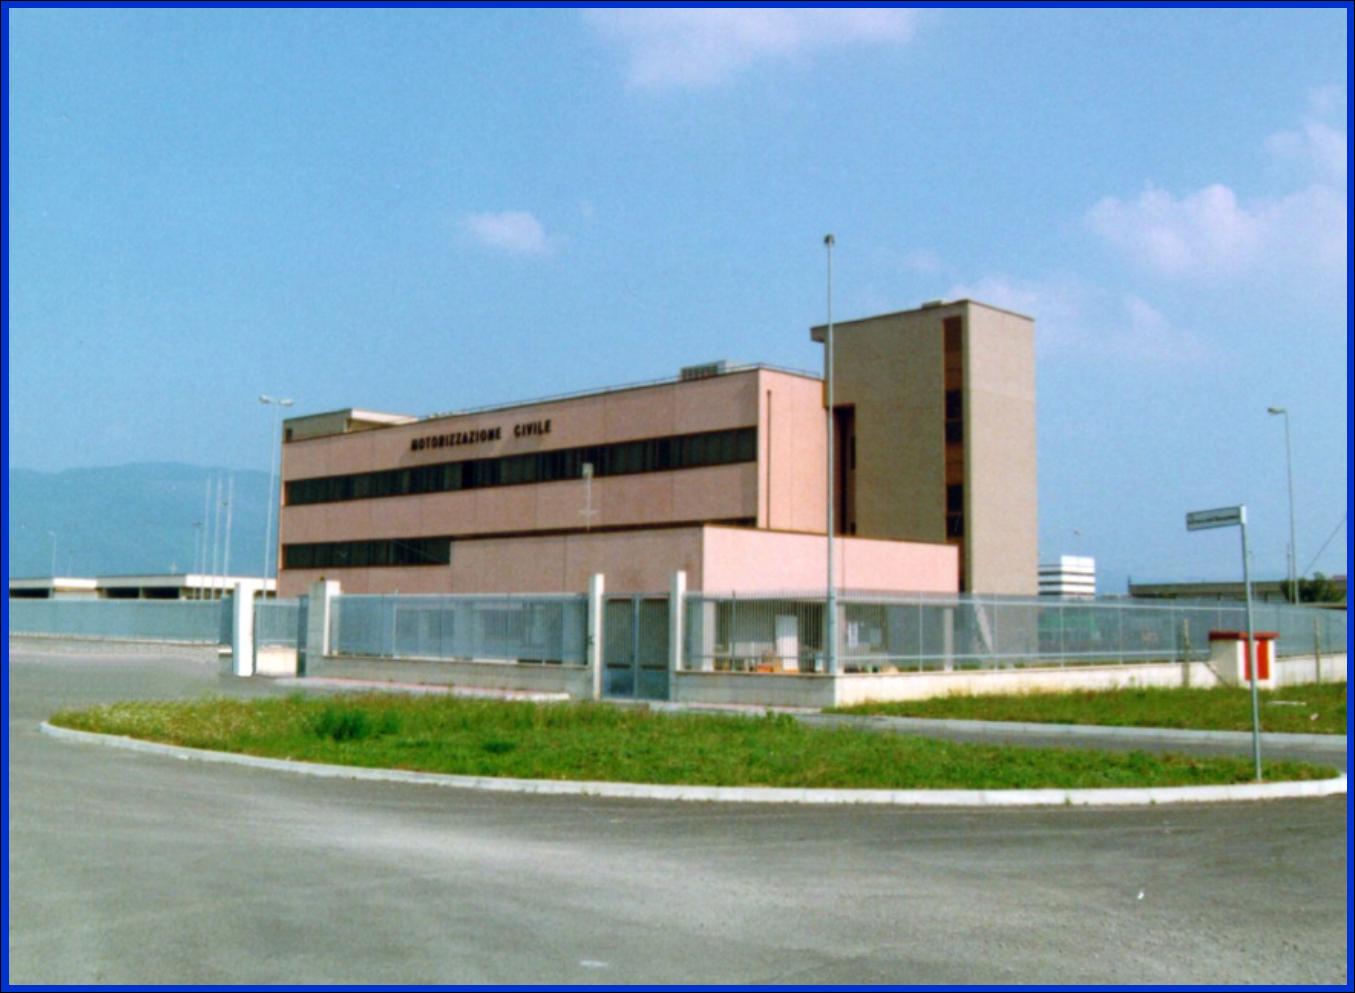 Ufficio Di Motorizzazione : Home page